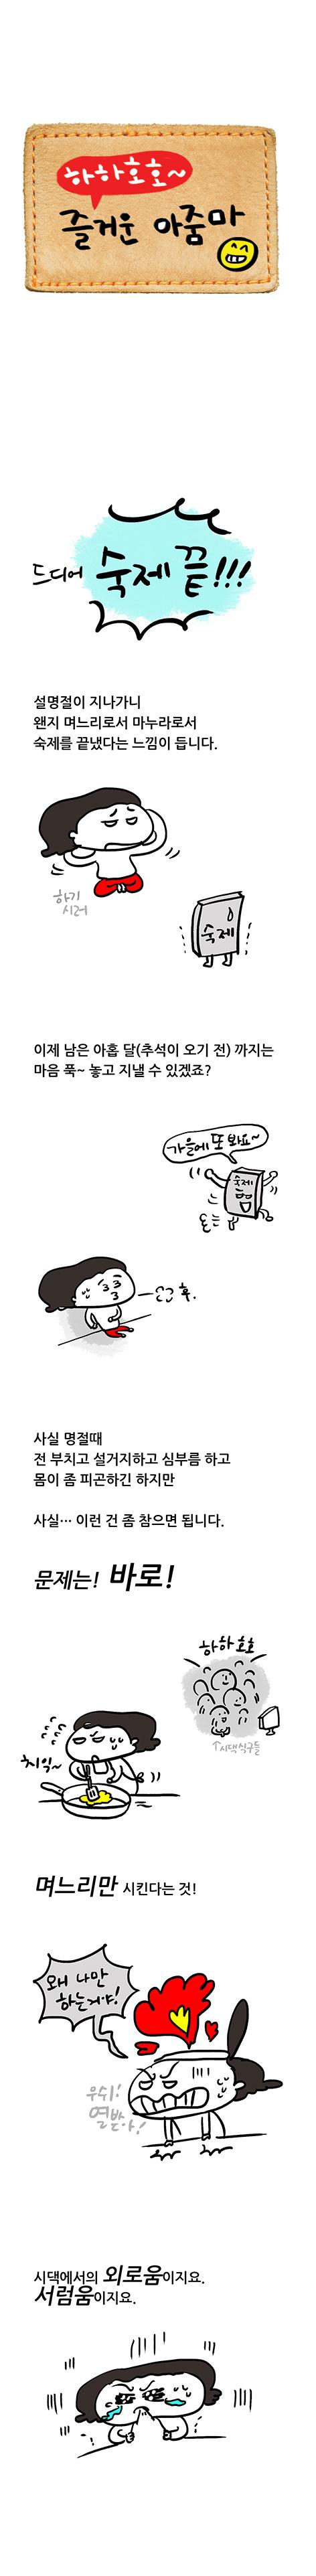 한겨레베이비트리비빔밥김밥1.jpg